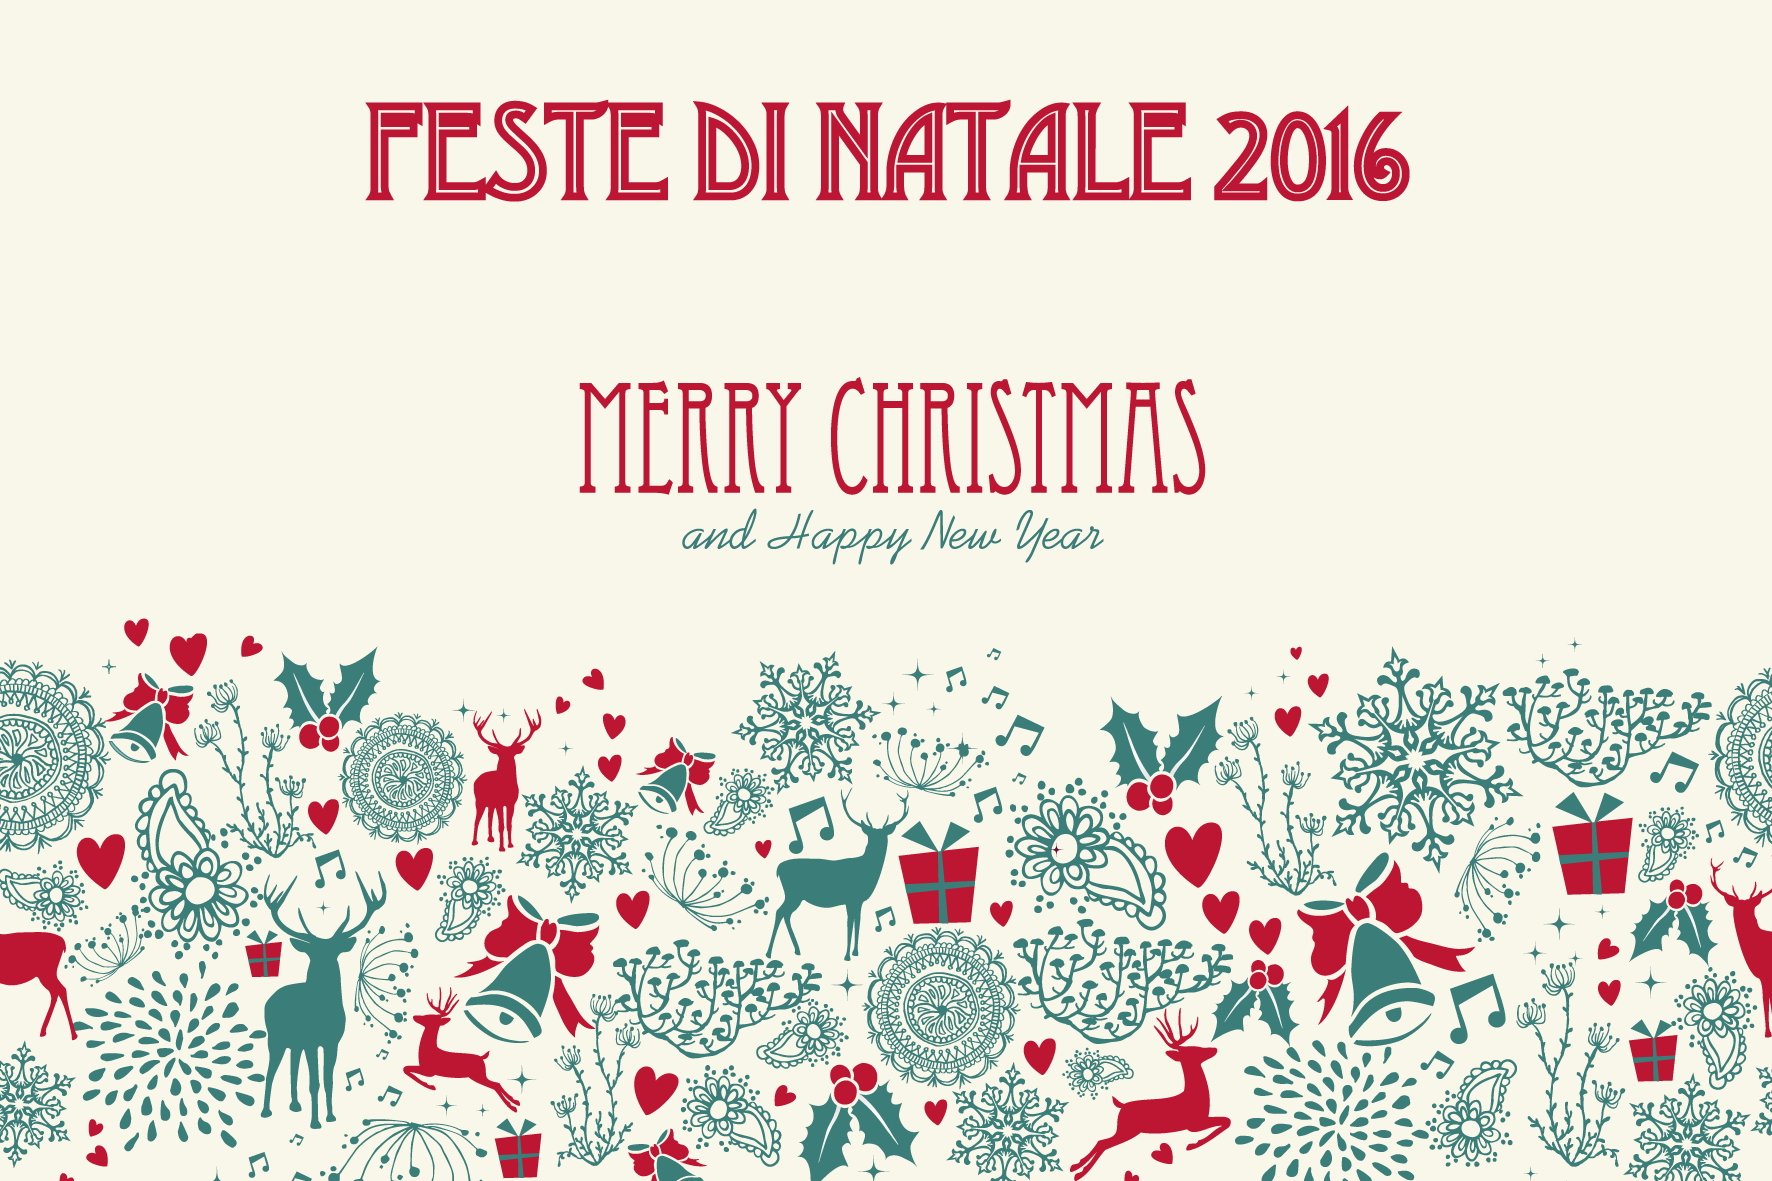 Feste di Natale 2016